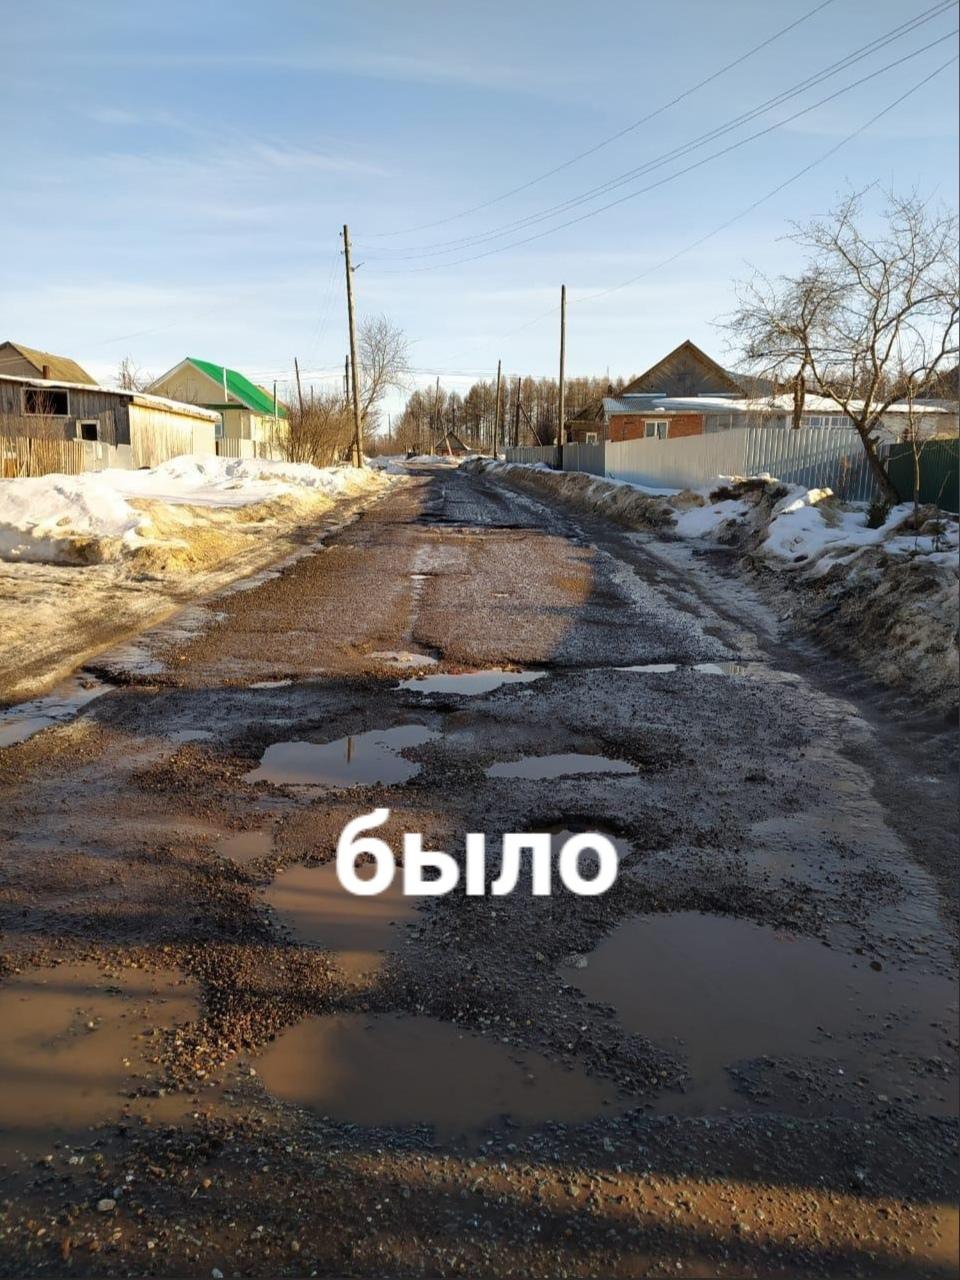 Дорога, ведущая на мусульманская кладбище, уже отремонтирована.